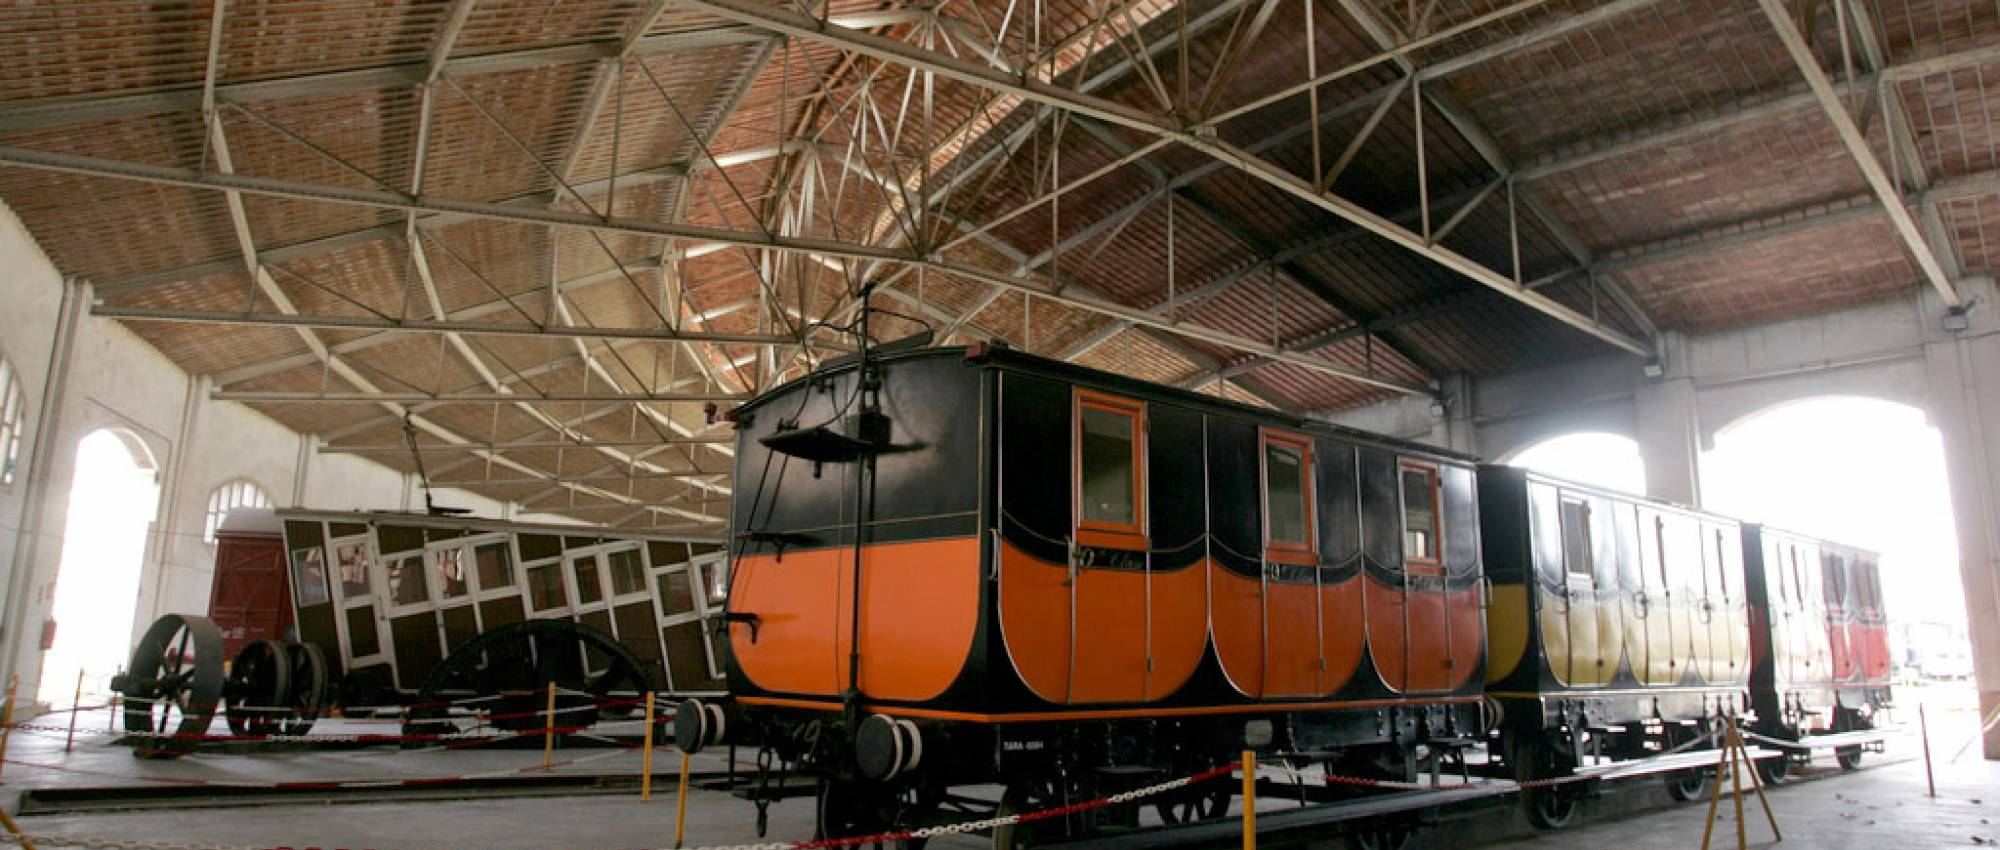 Museu del Ferrocarril de Vilanova i la Geltrú. Press Cambrabcn / Flickr. CC BY-SA 2.0